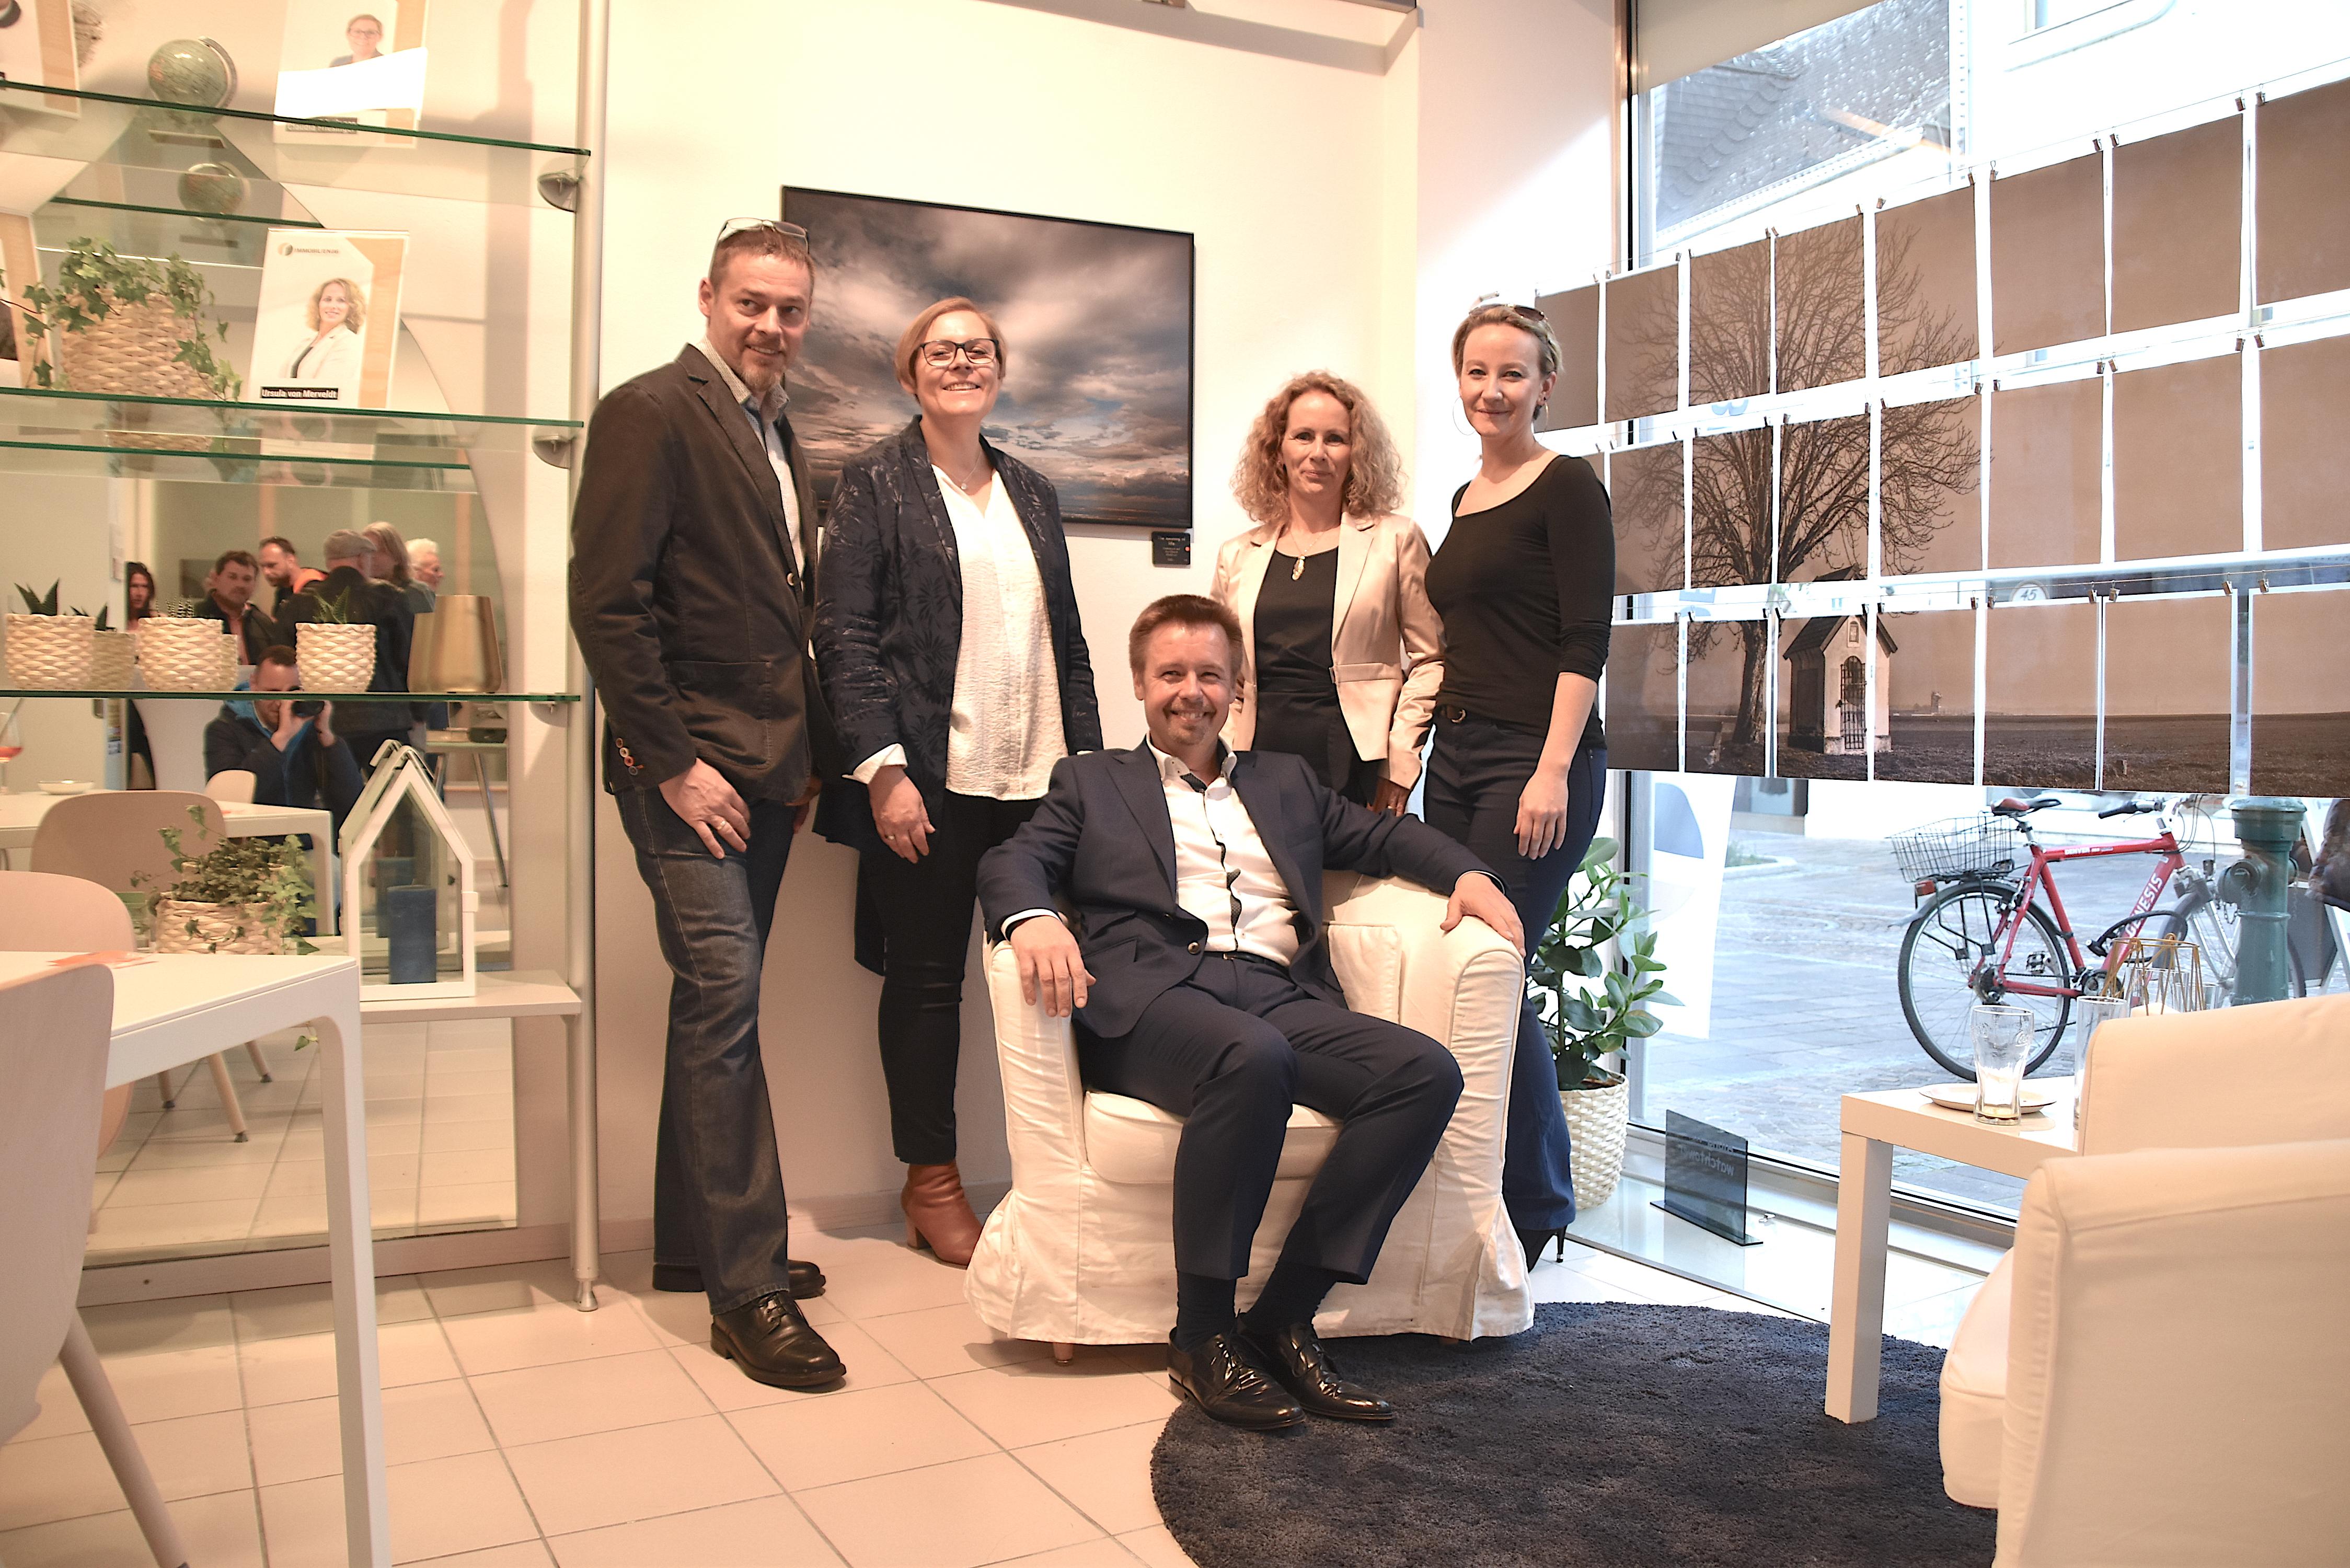 Das Team von Immobilien 86: Martin Schildberger, Claudia Friesinger, Wolfgang Steiner, Ursula von Merveldt, Sabrina Grubmüller